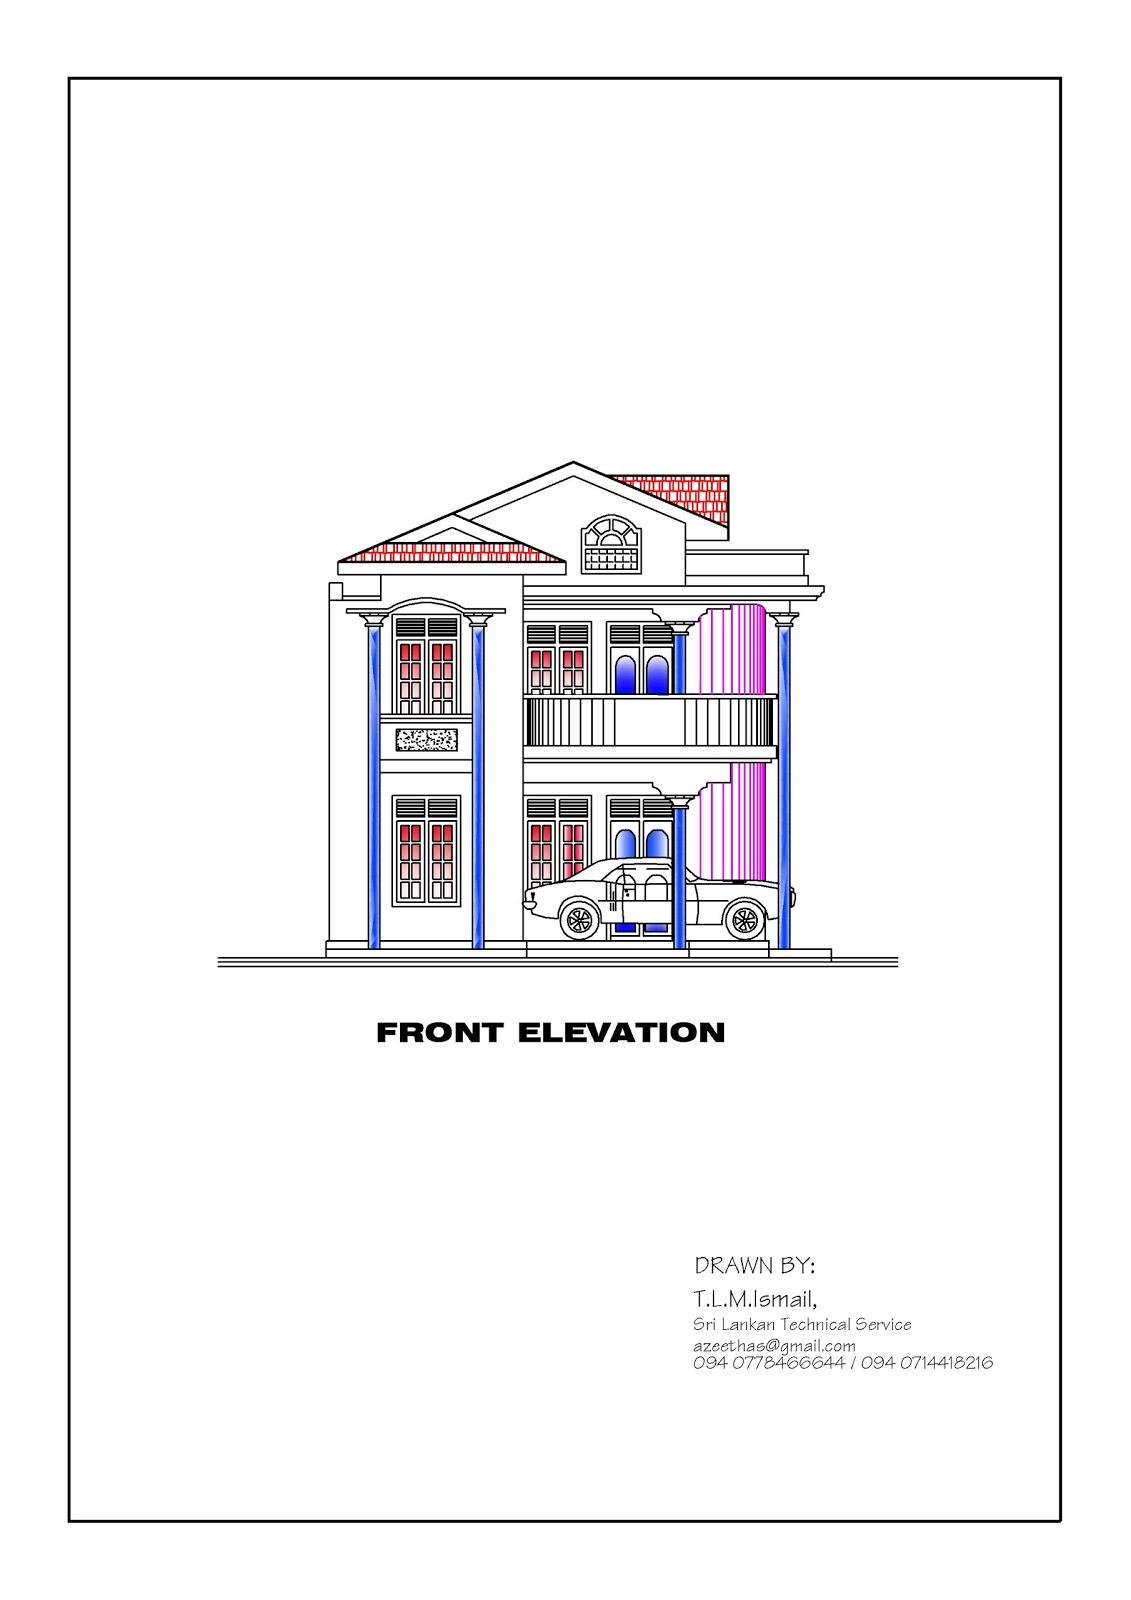 free home design home office design home theater design appfinder lisisoft com app diy. Black Bedroom Furniture Sets. Home Design Ideas